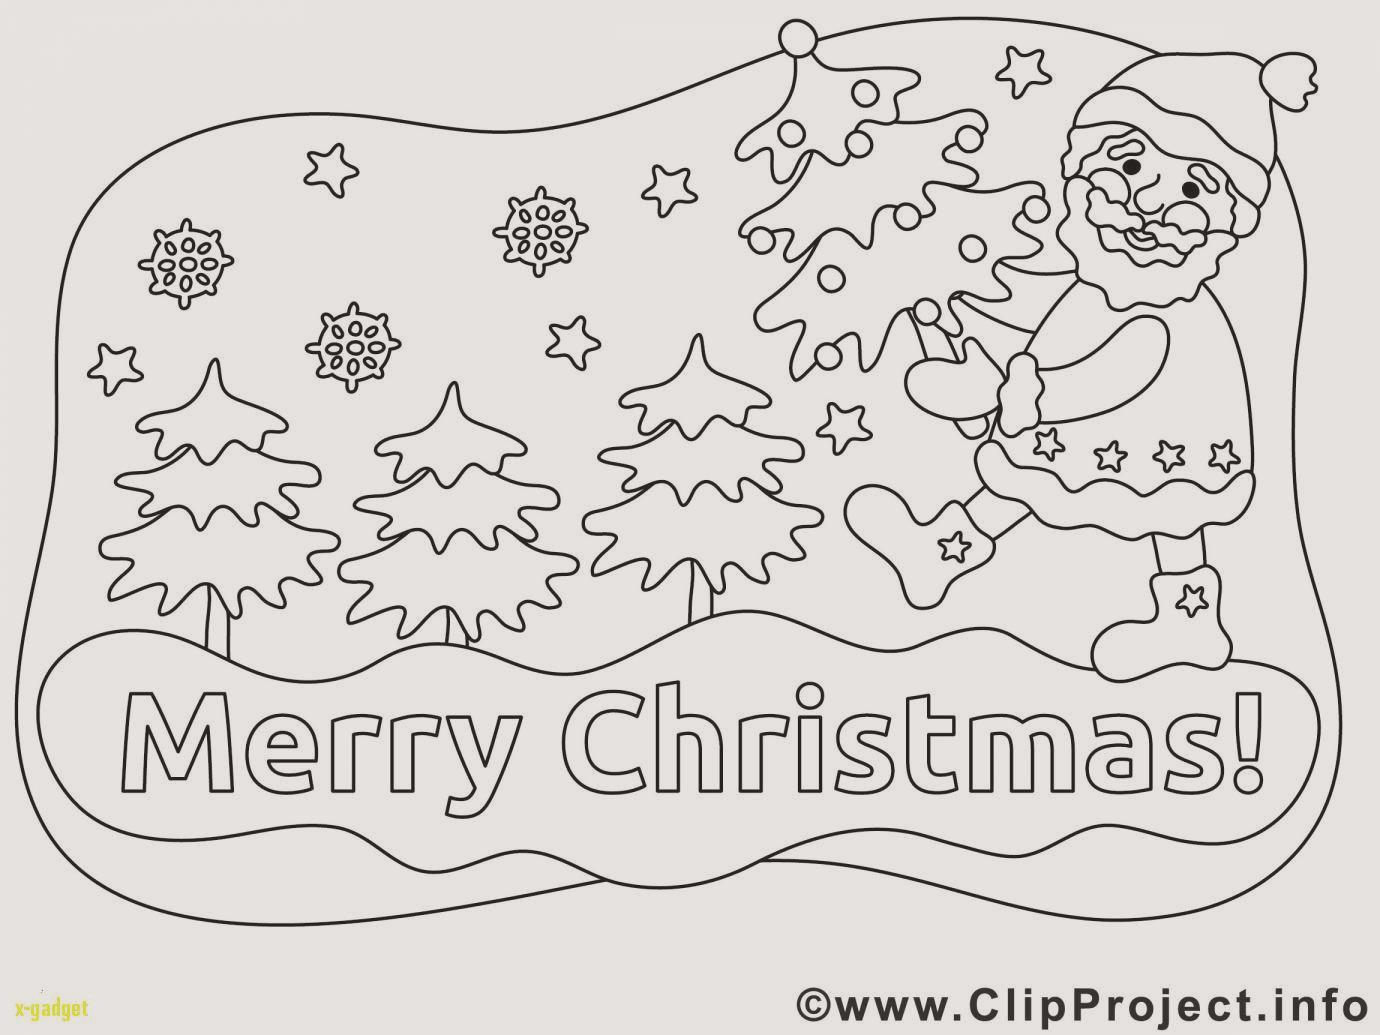 Malvorlagen Weihnachten Winter Inspirierend 30 Frisch Ausmalbilder Weihnachten Geschenke Ausdrucken Fotos